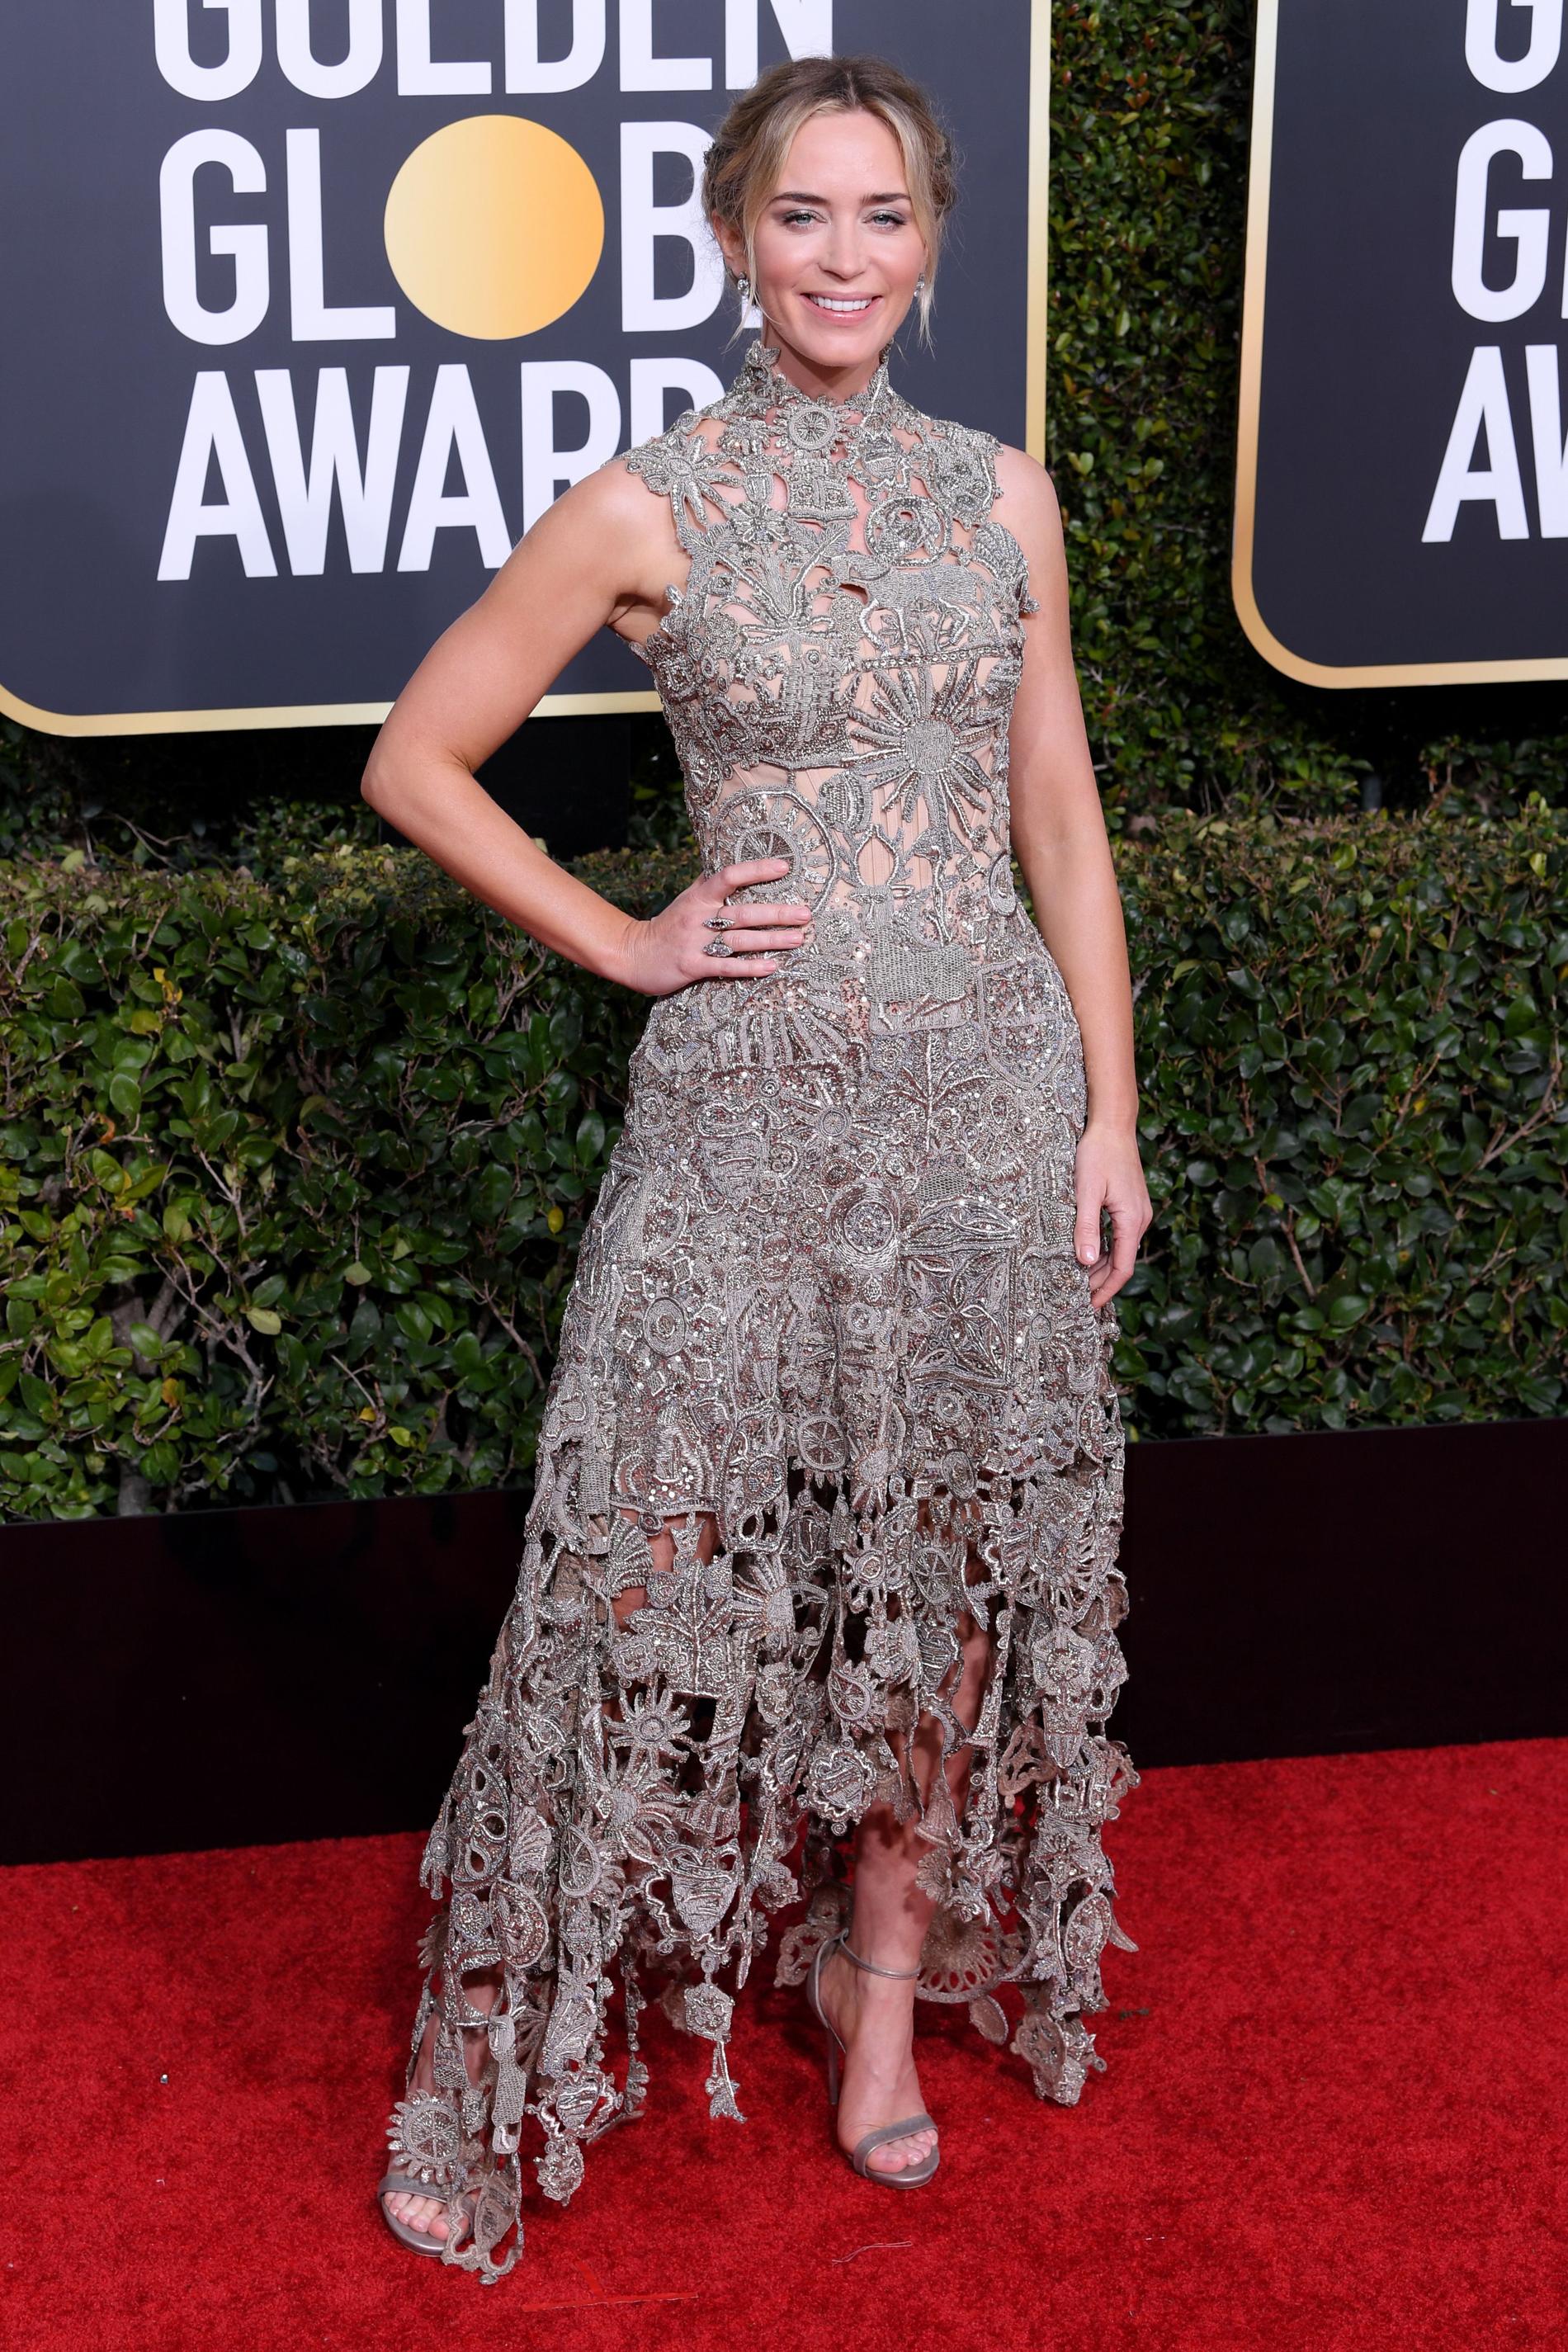 Emily Blunt, elegante, por Alexander McQueen. CREDITO: E! ENTERTAINMENT